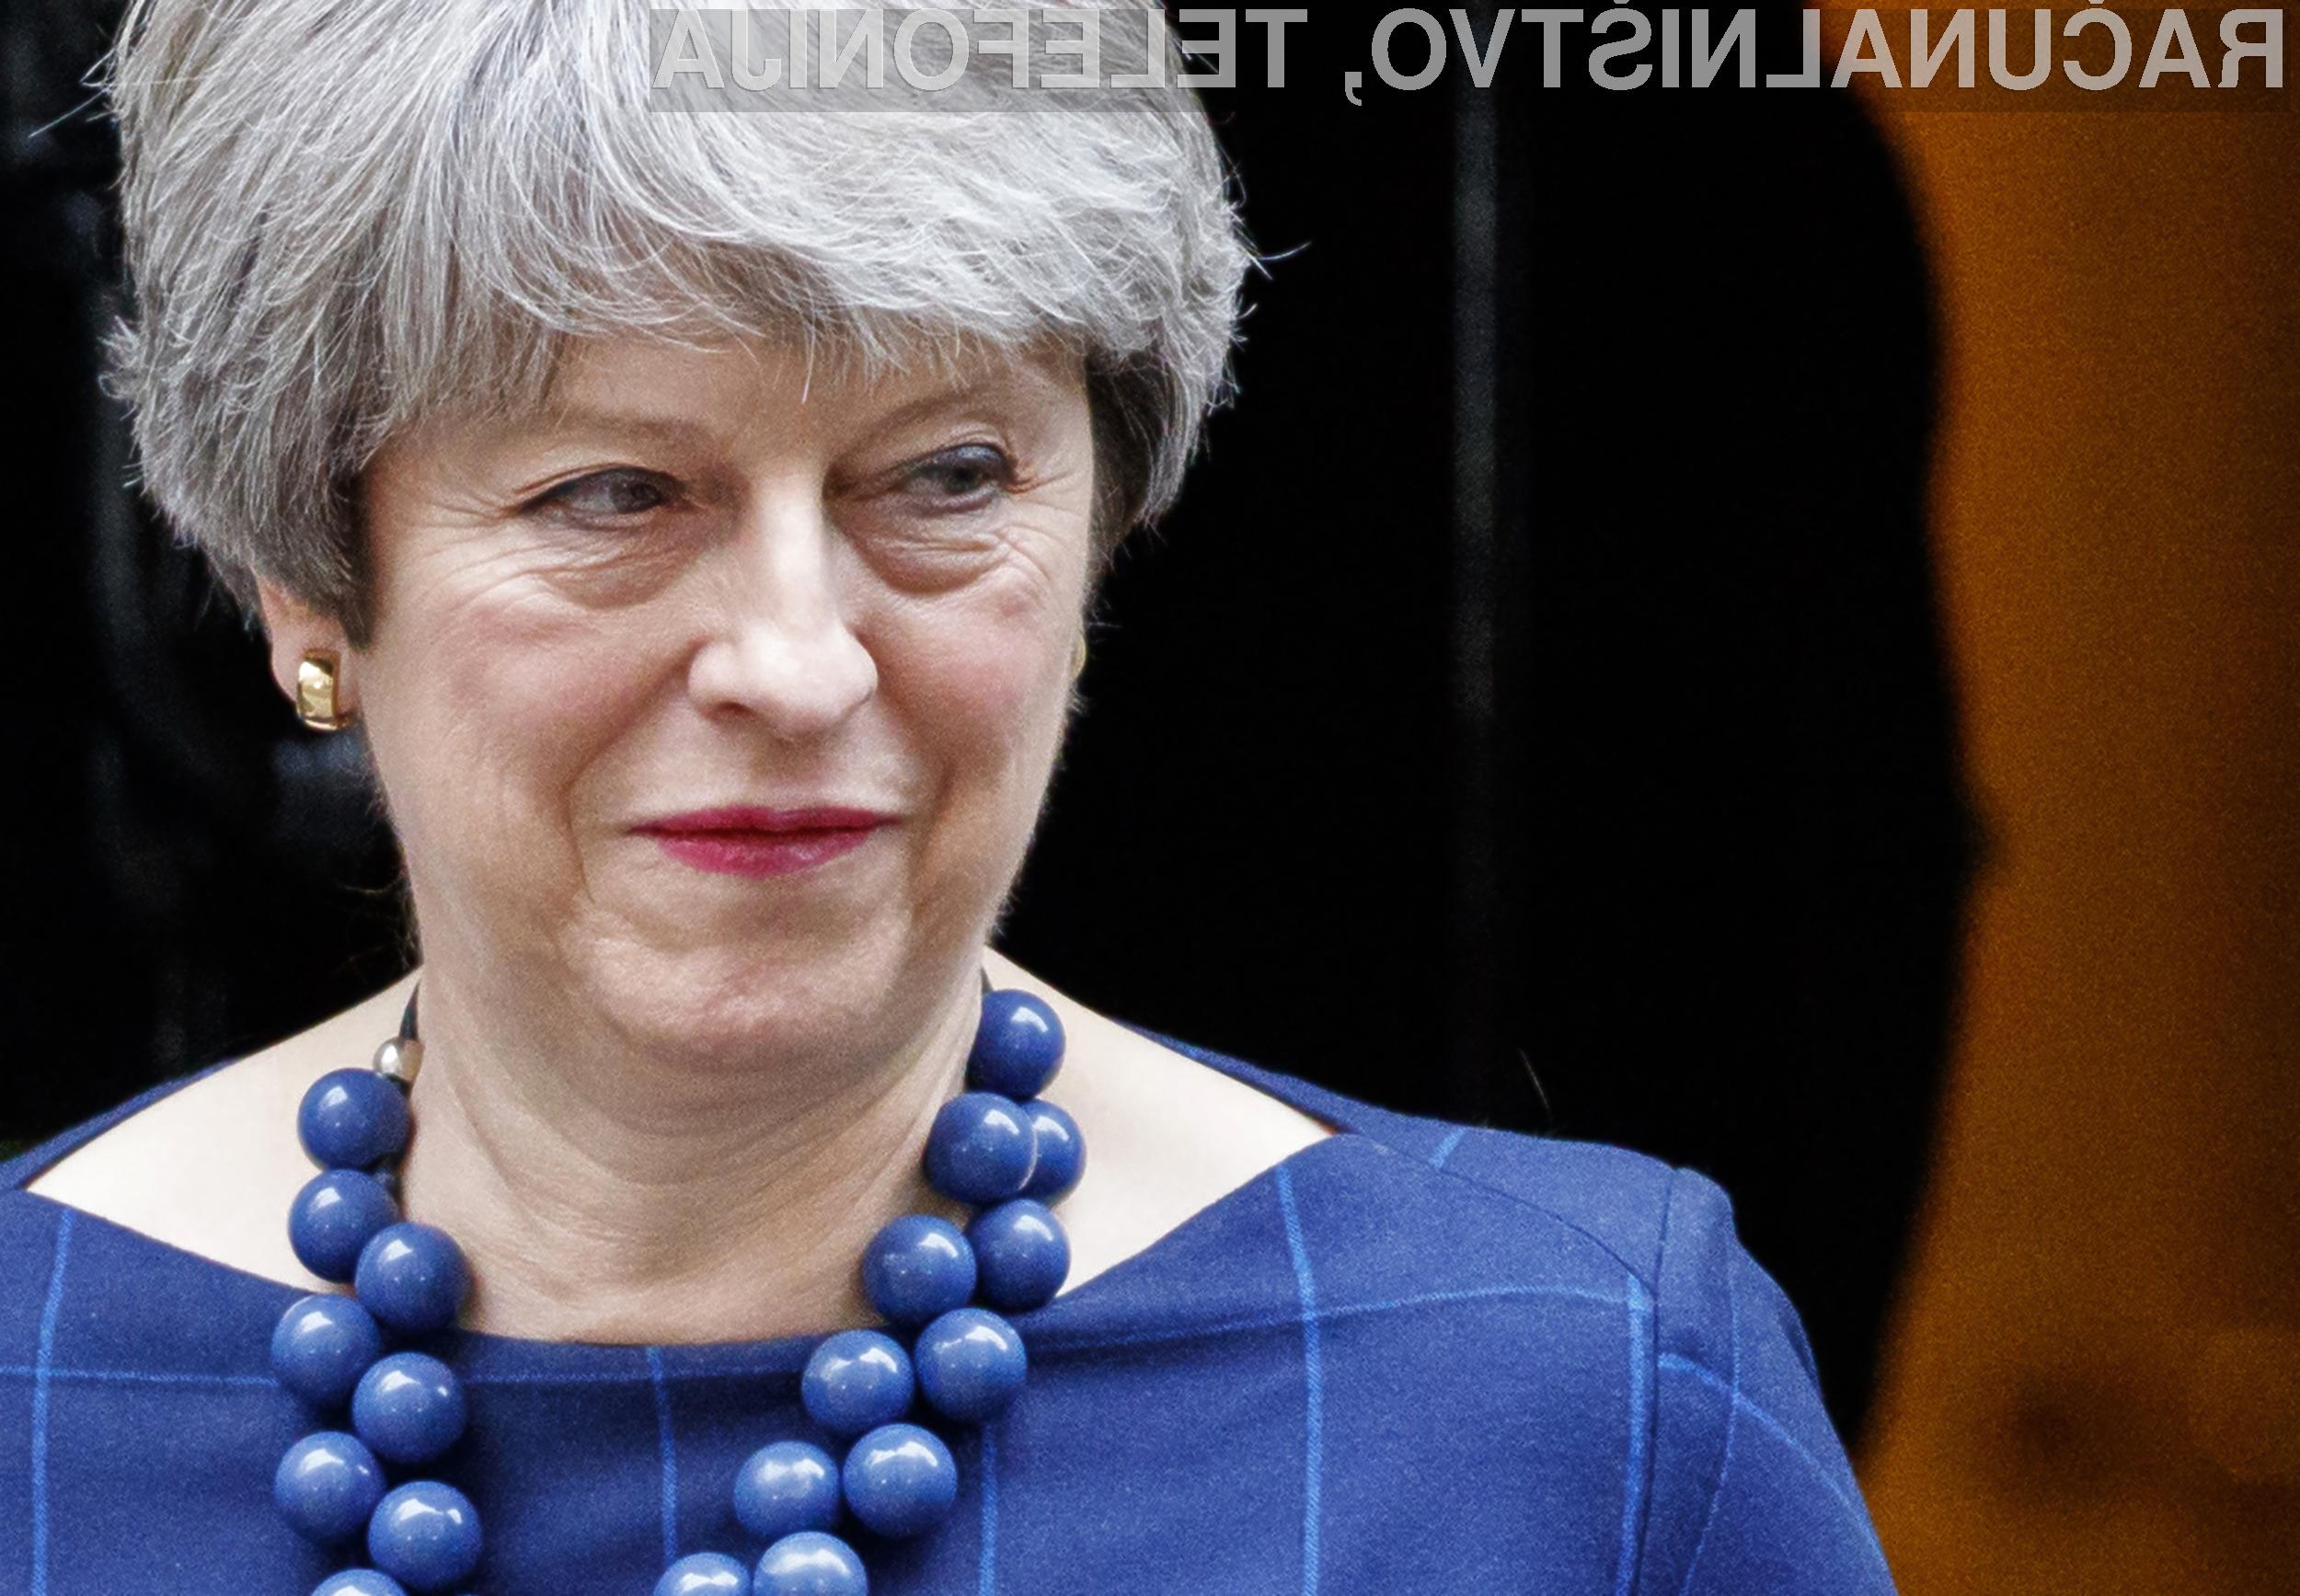 Britanska premierka Theresa May meni, da bi morala družbena omrežja odgovarjati za vsebino, ki je objavljena na njihovih portalih.